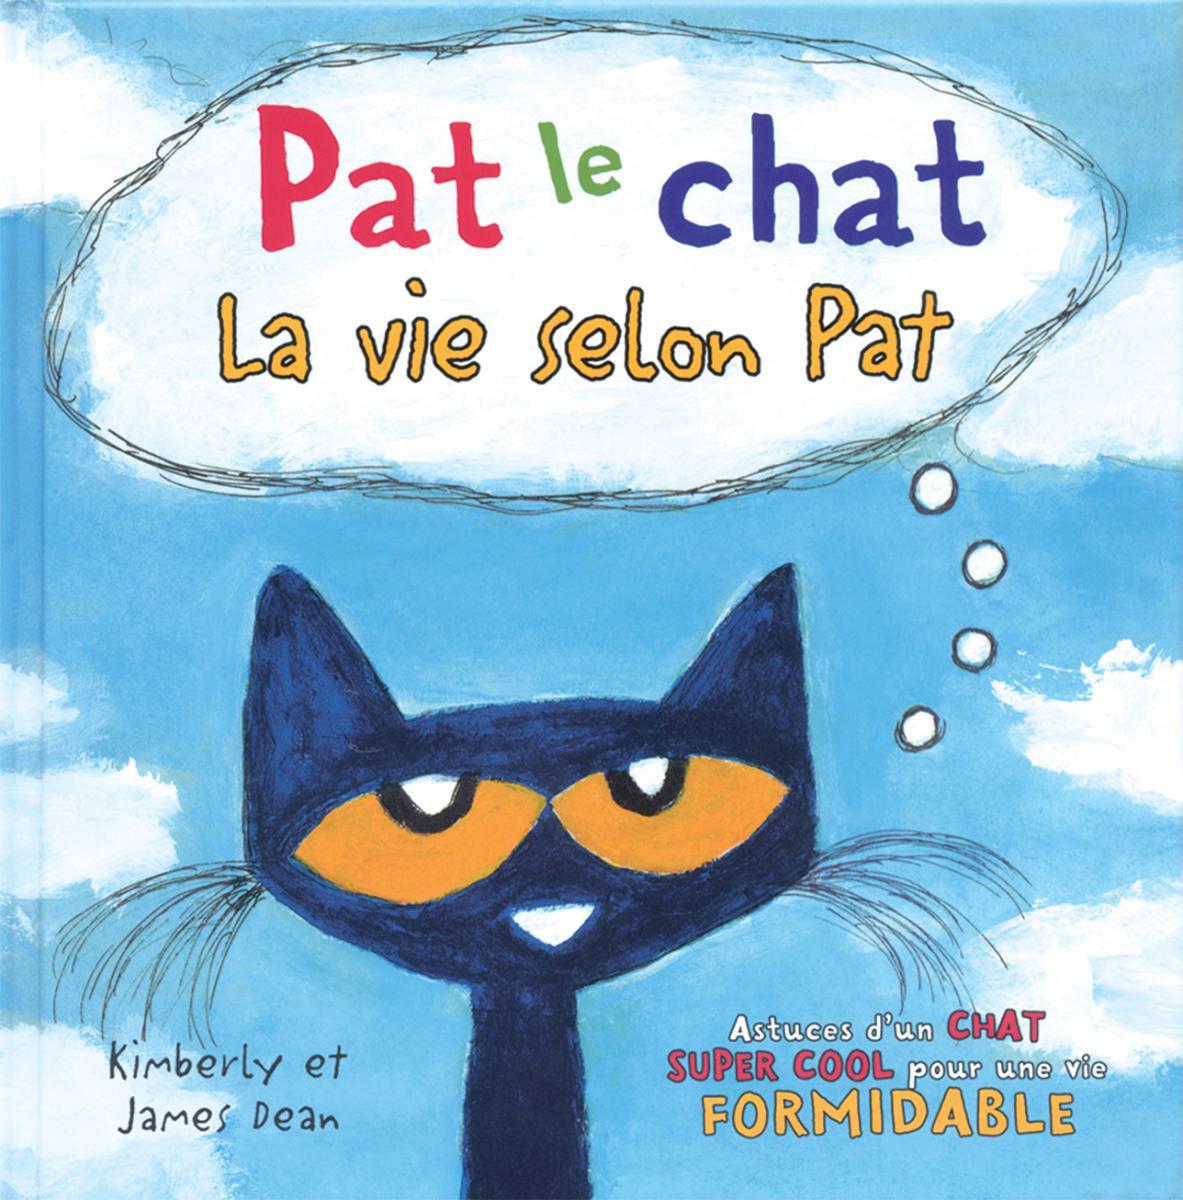 Pat le chat : La vie selon Pat Astuces d'un chat super cool pour une vie formidable